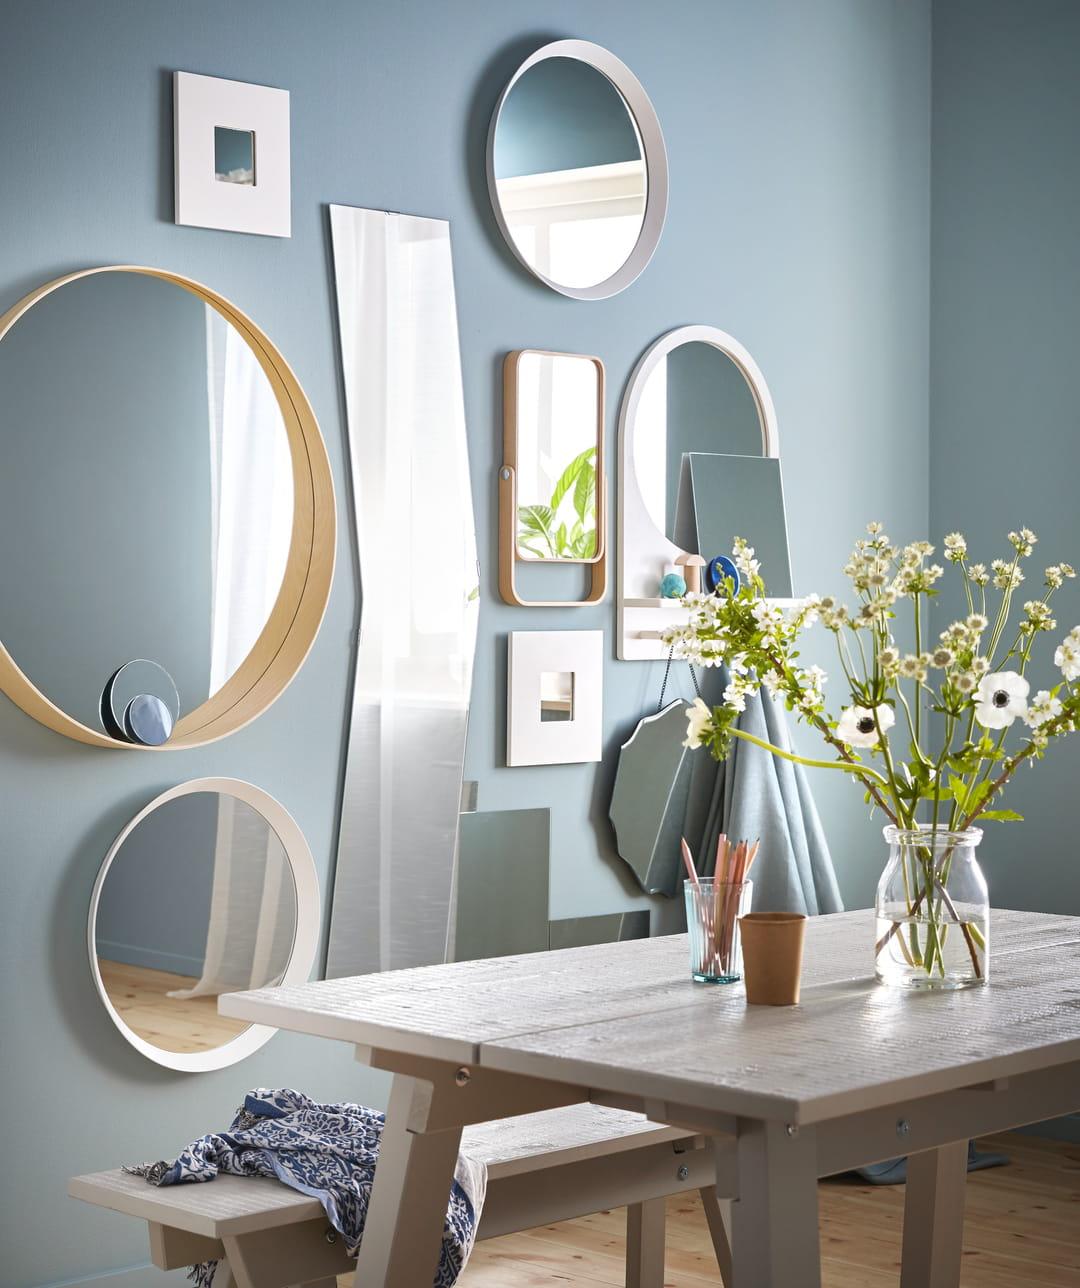 A Quelle Hauteur Poser Une Verriere comment et où placer un miroir dans une pièce ?